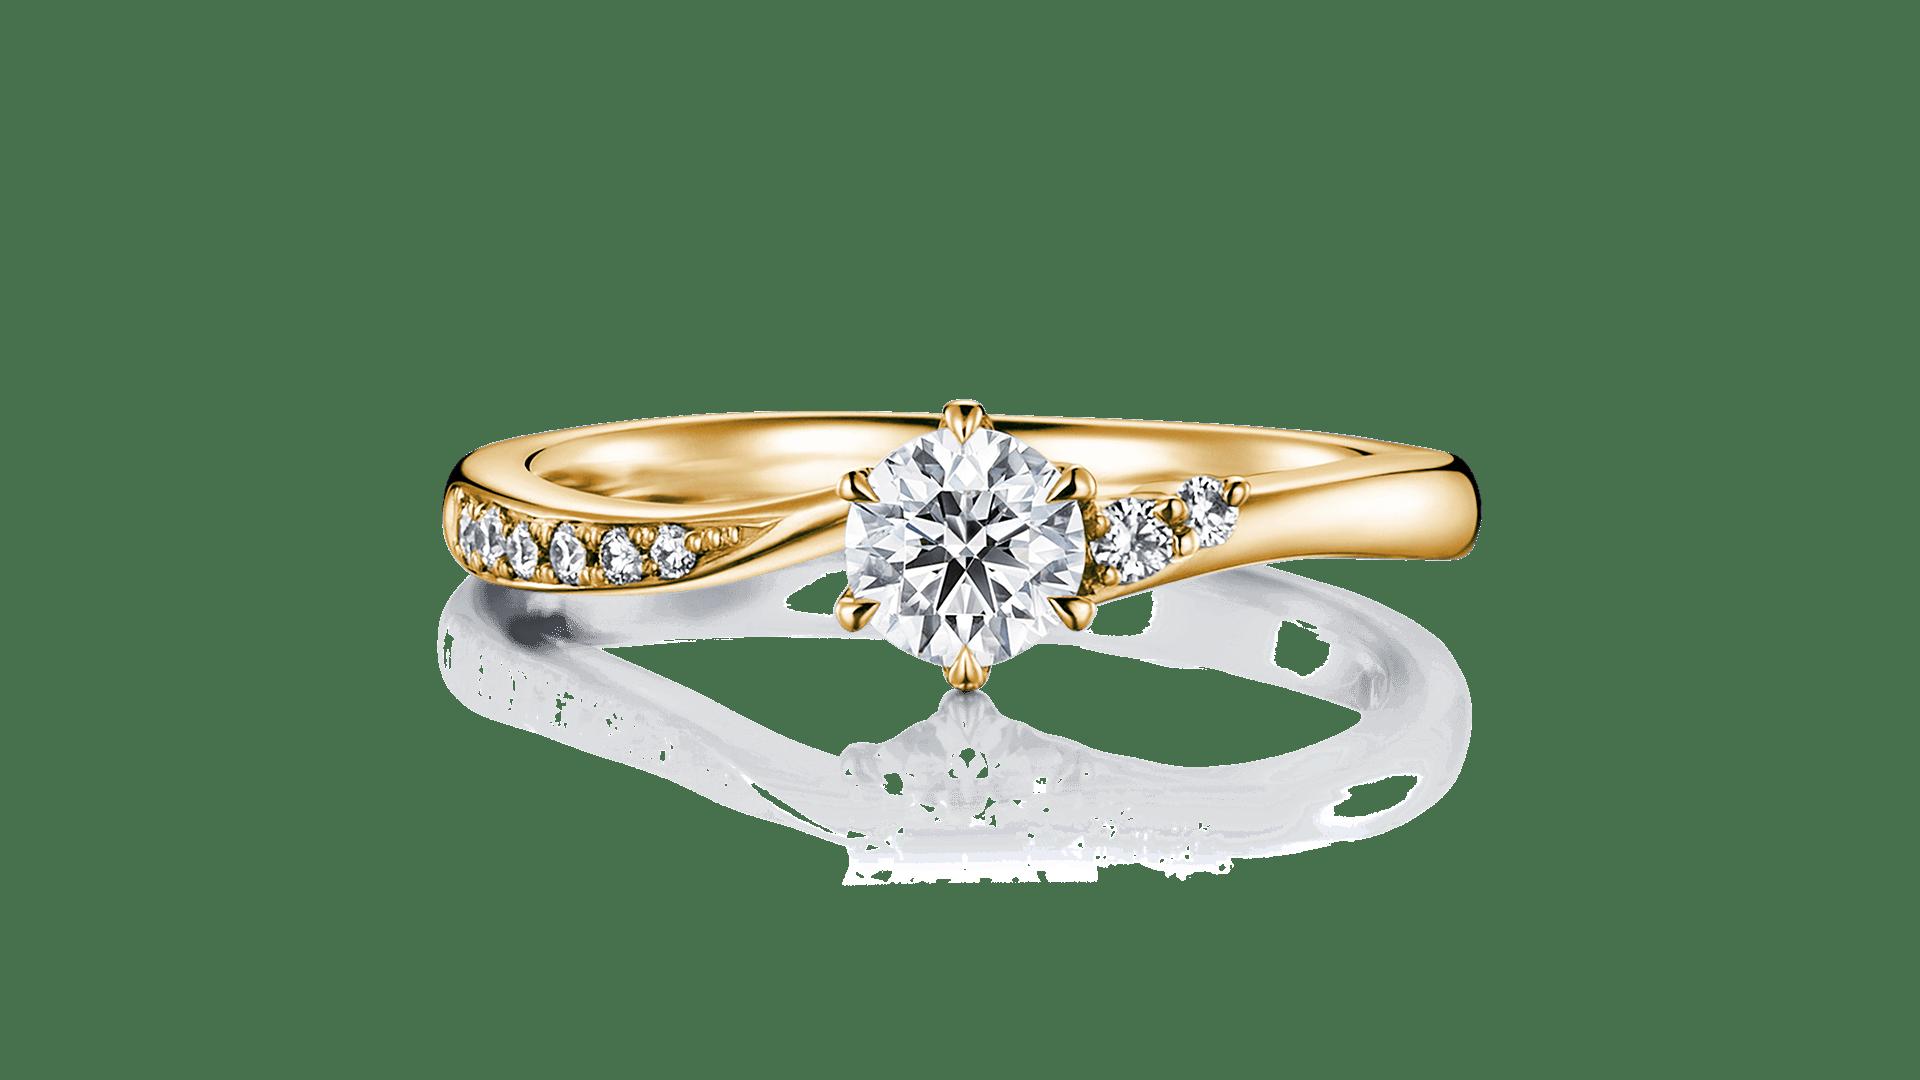 andromeda アンドロメダ   婚約指輪サムネイル 1